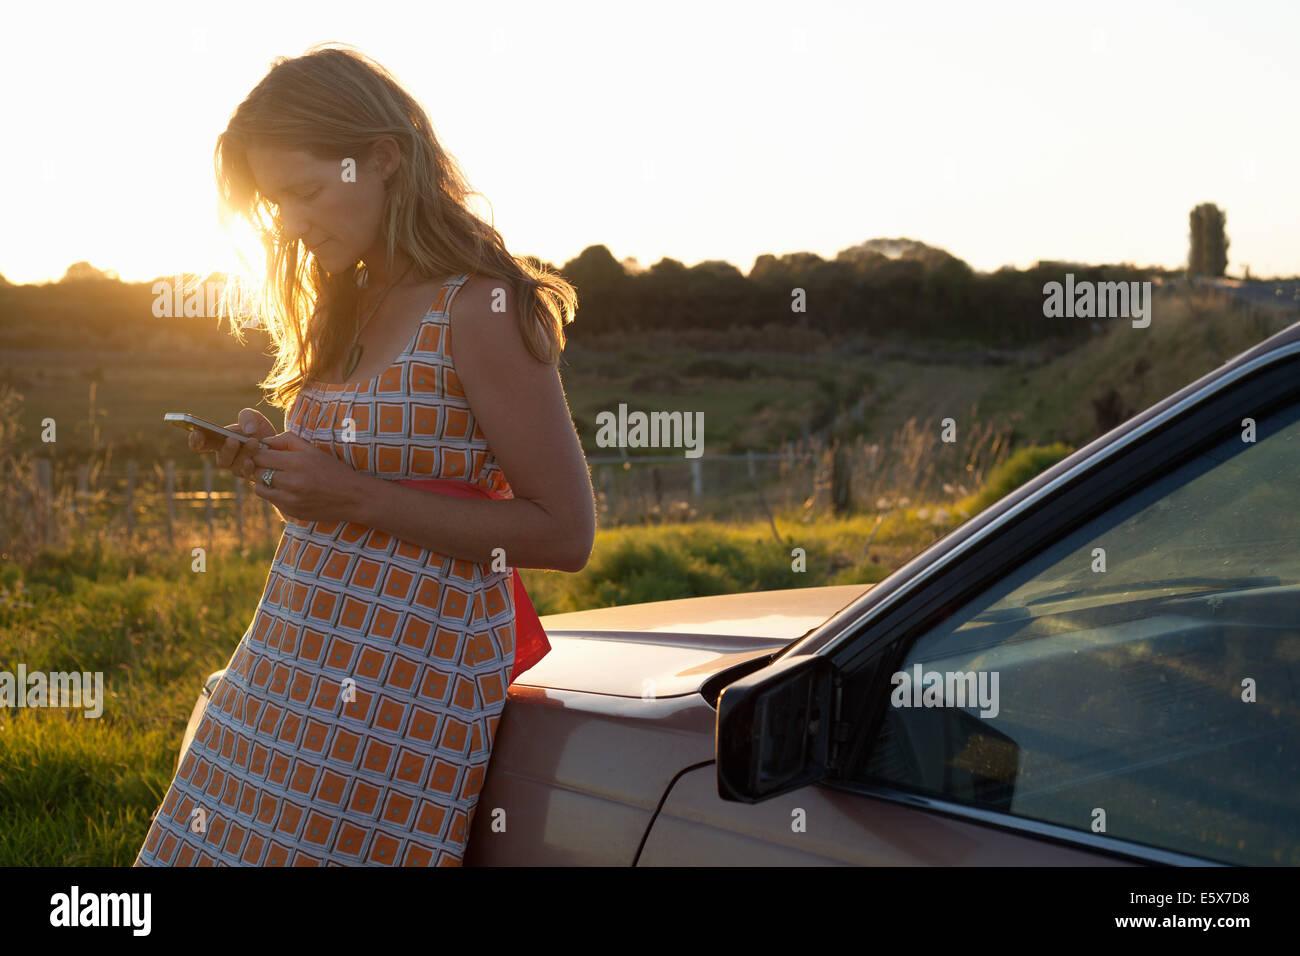 Mitte Erwachsene Frau gelehnt Auto SMS auf smartphone Stockbild